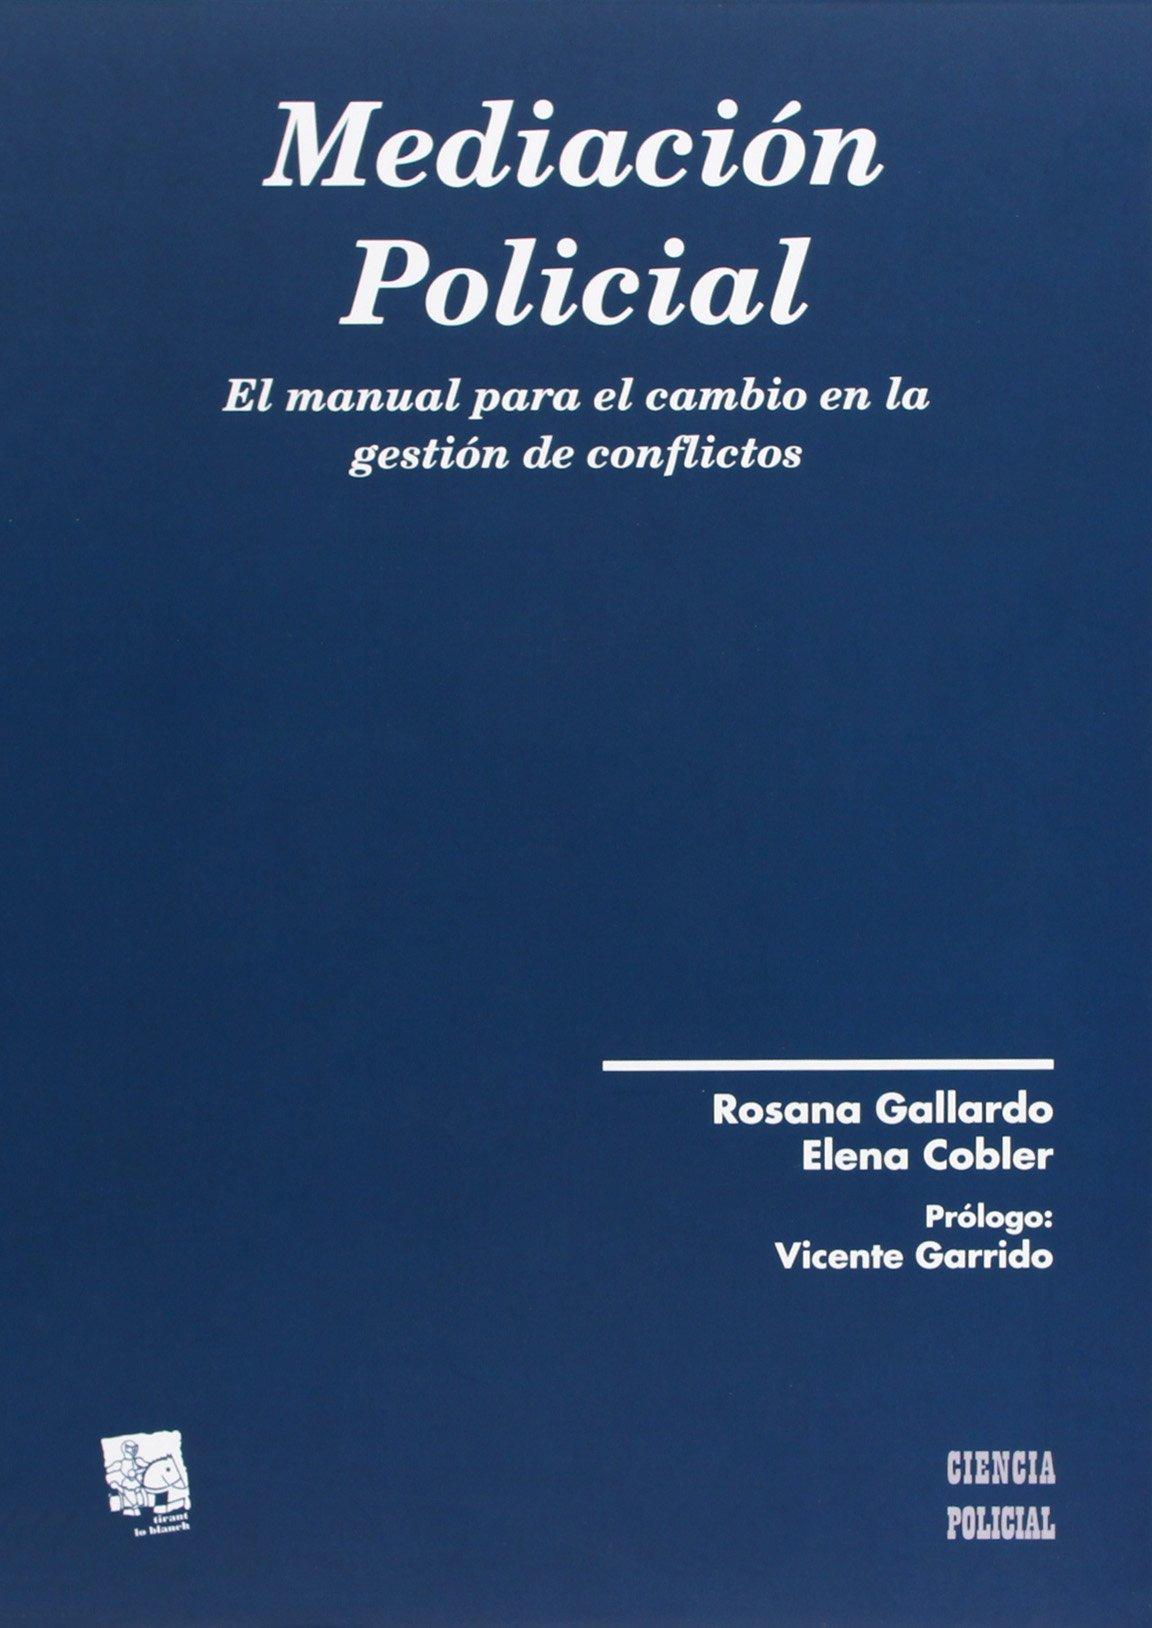 Mediación Policial. El manual para el cambio en la gestión de conflictos